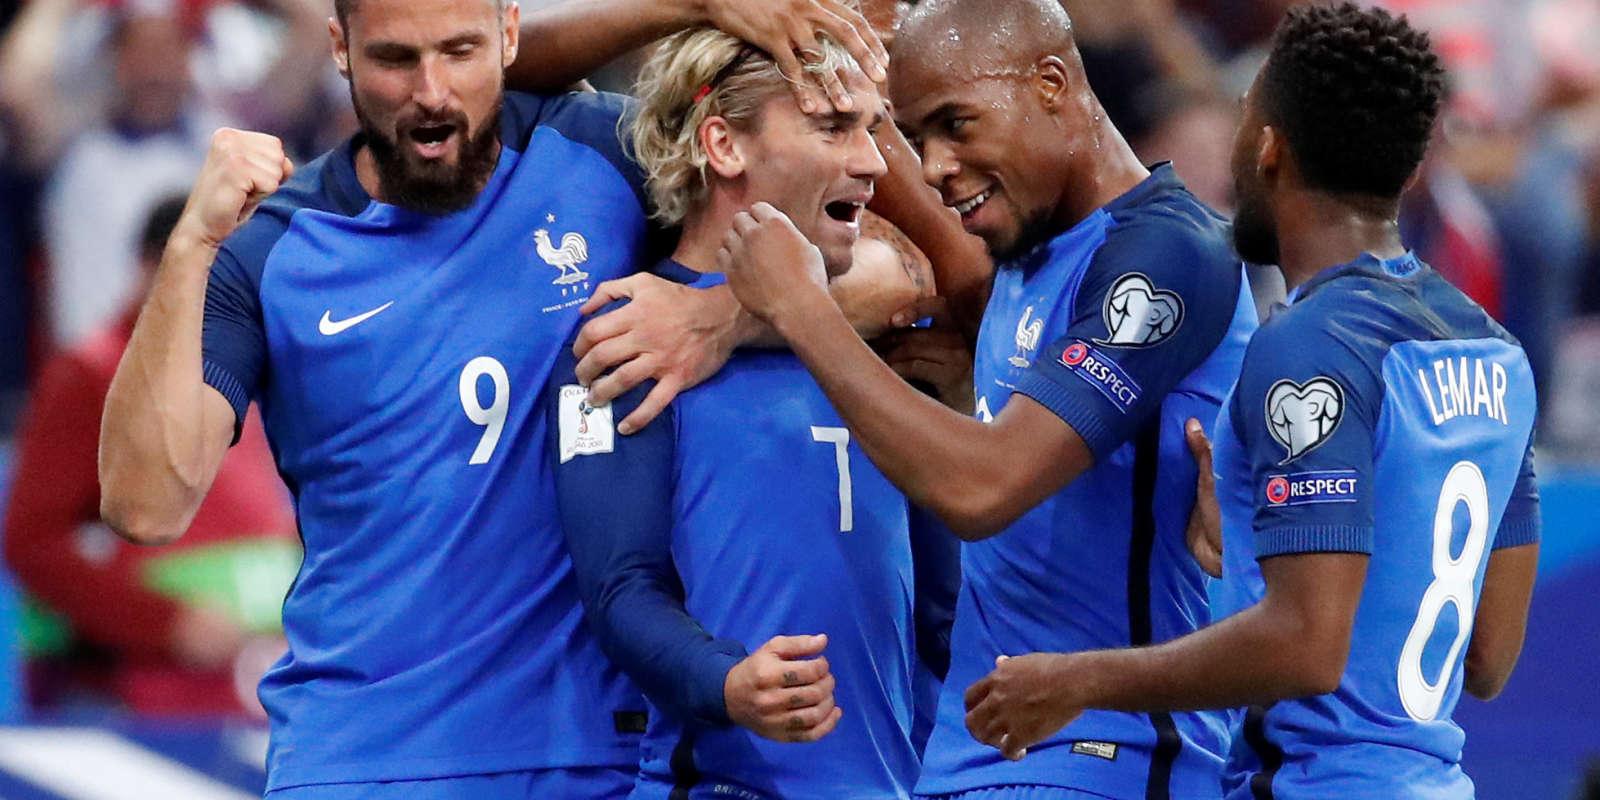 Antoine Griezmann célèbre son but face aux Pays-Bas, jeudi 31 août 2017.